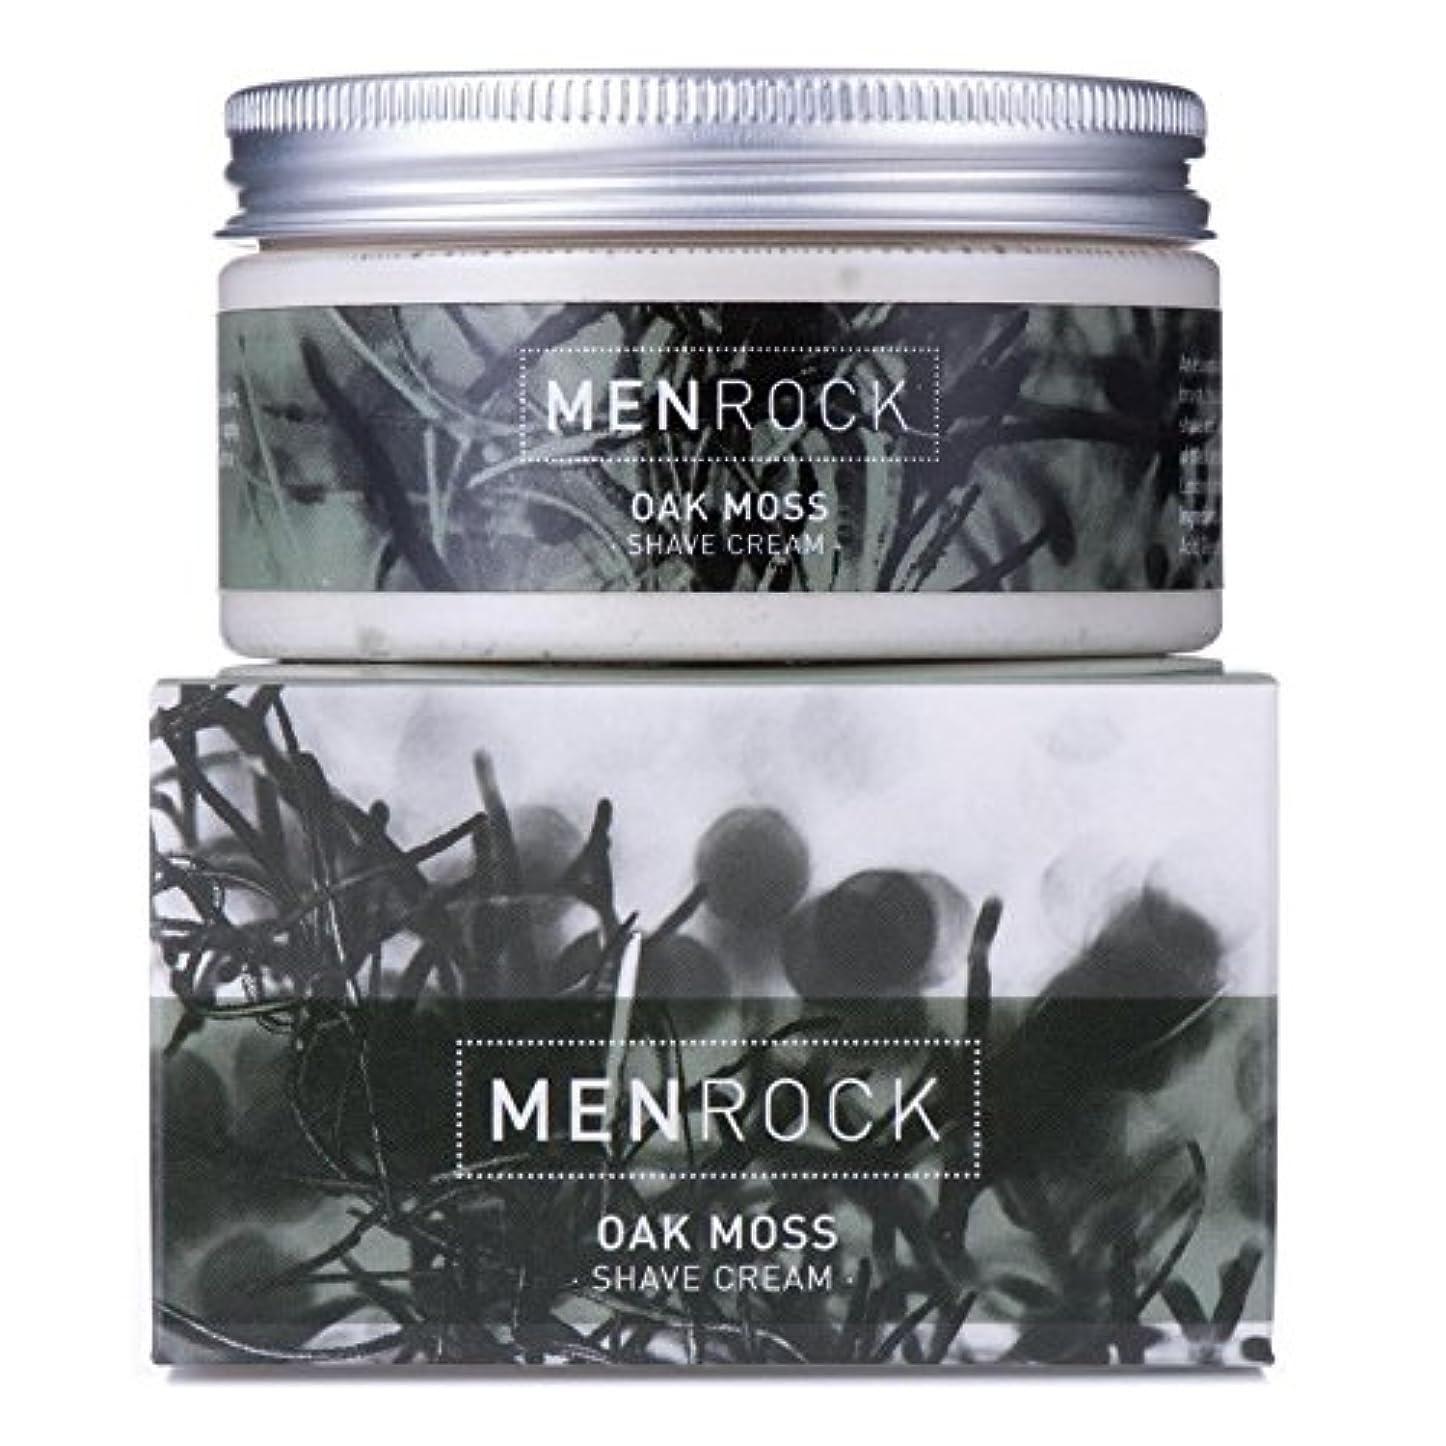 パット頑固な革命Men Rock Shave Cream - Oak Moss - 男性の岩シェーブクリーム - オークモス [並行輸入品]